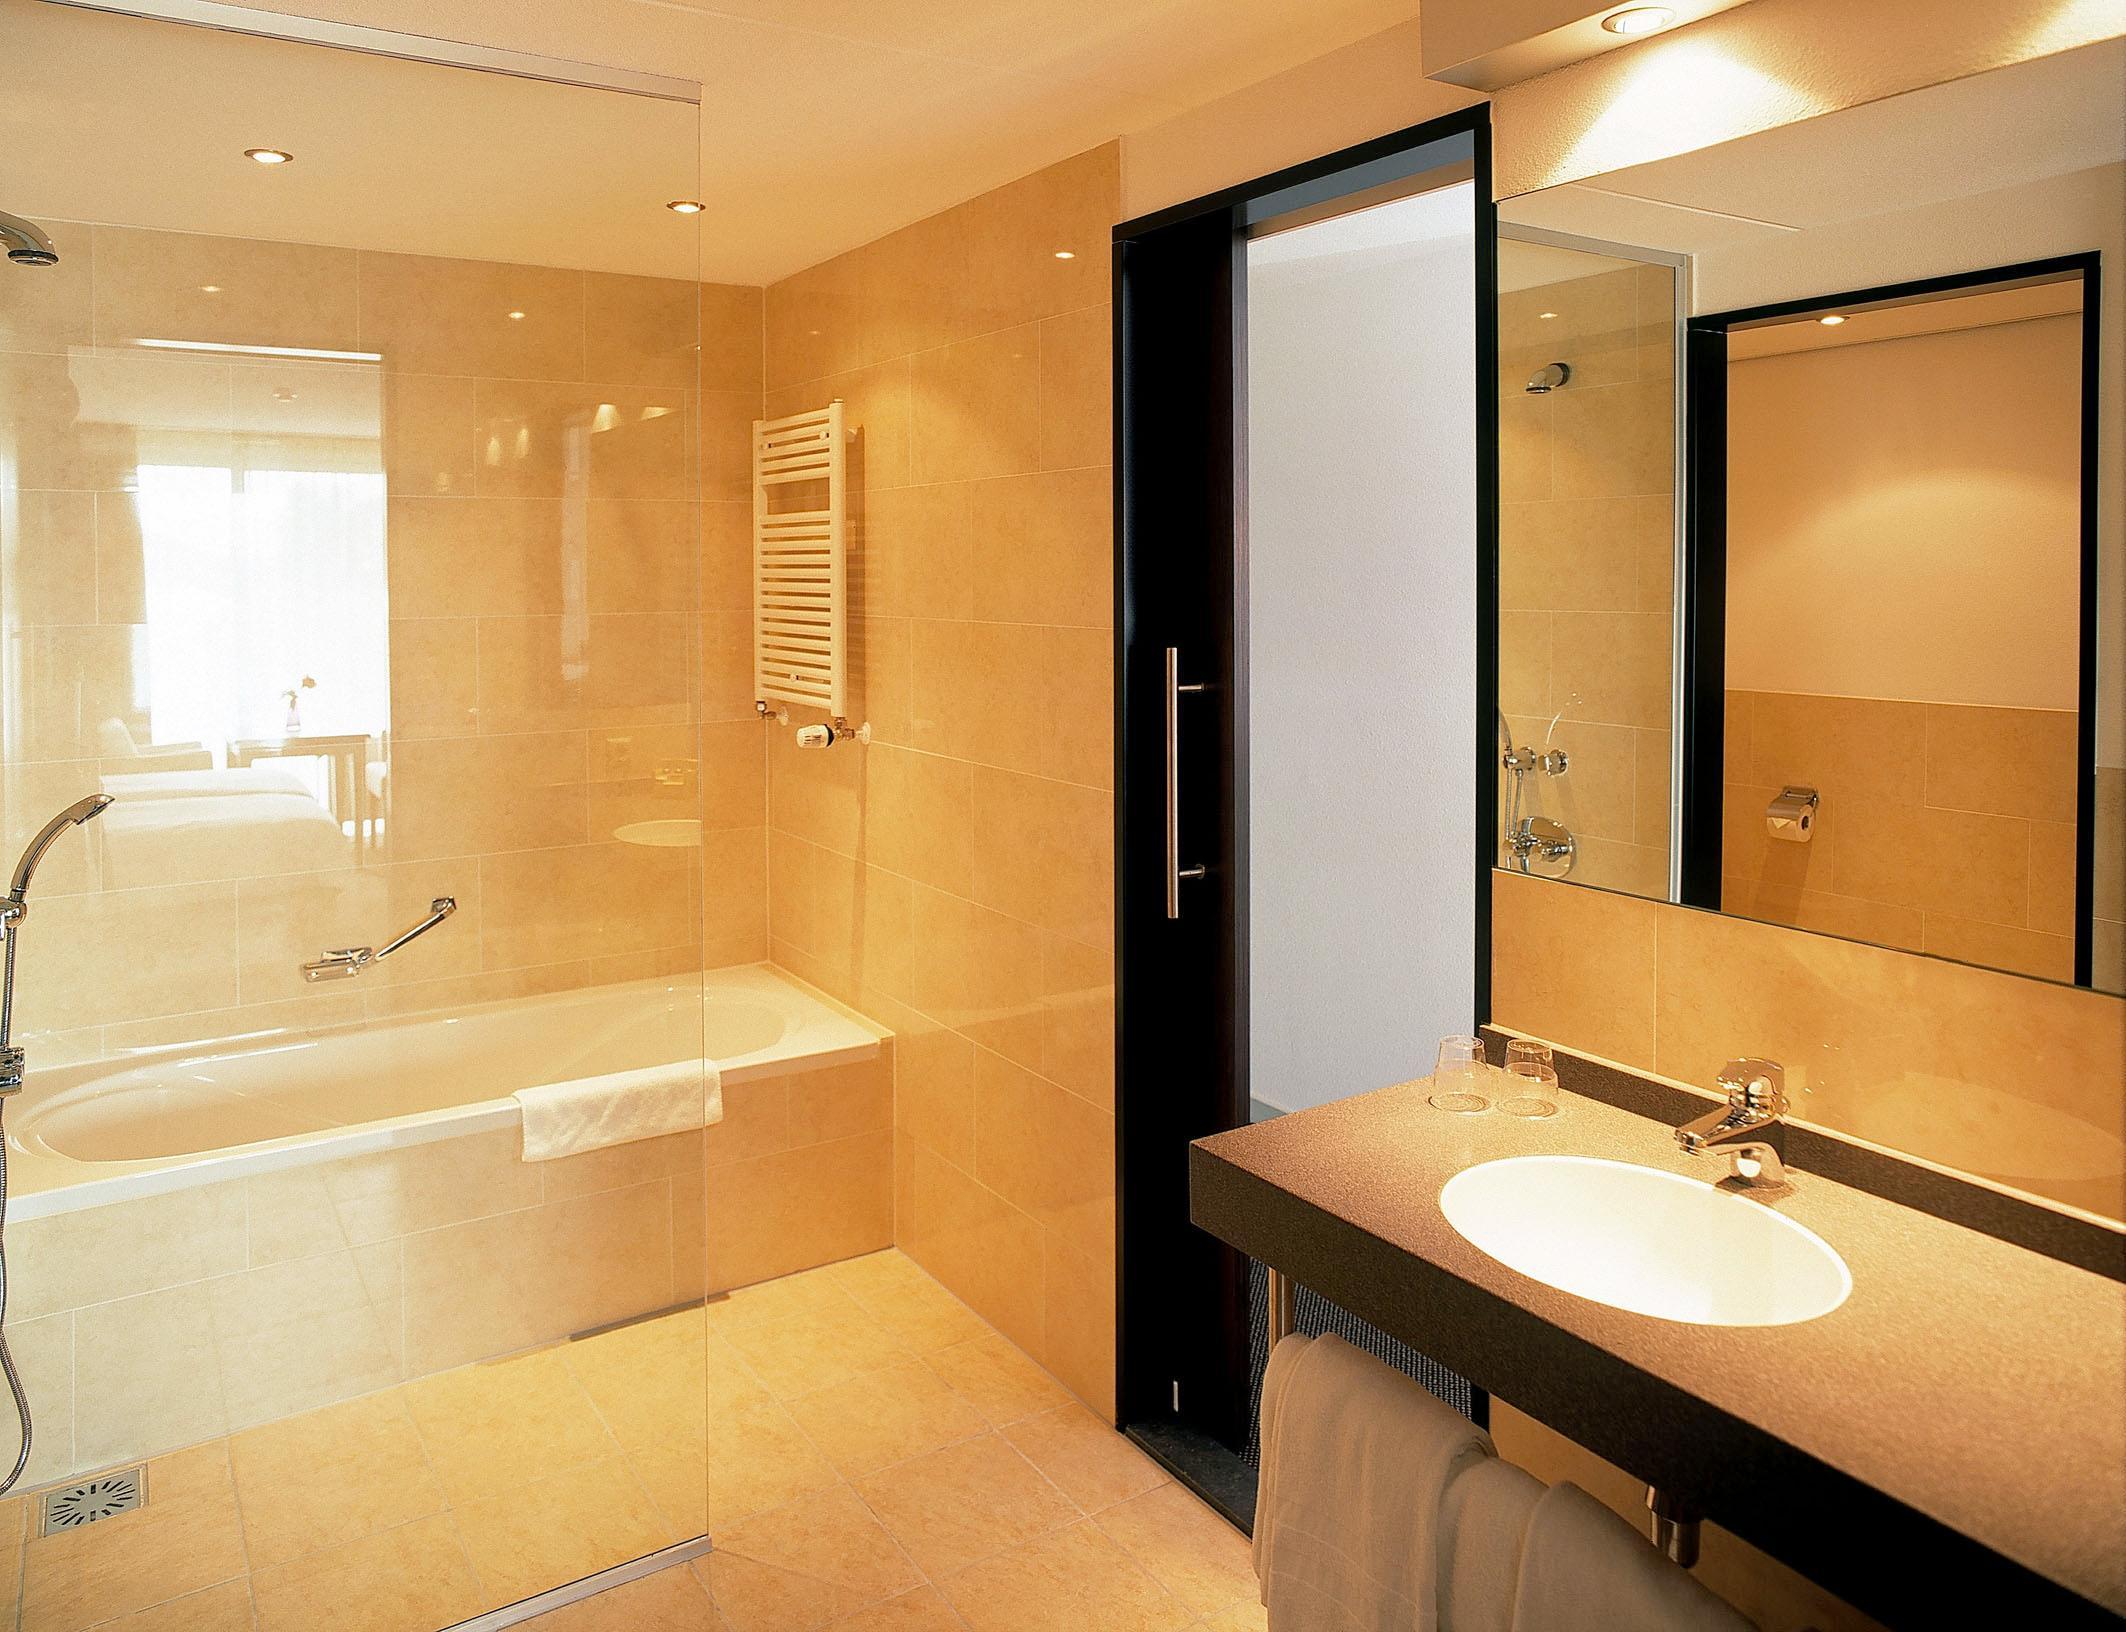 Badkamer nuland badkamer ontwerp idee n voor uw huis samen met meubels die het - Lavabos ontwerp ...